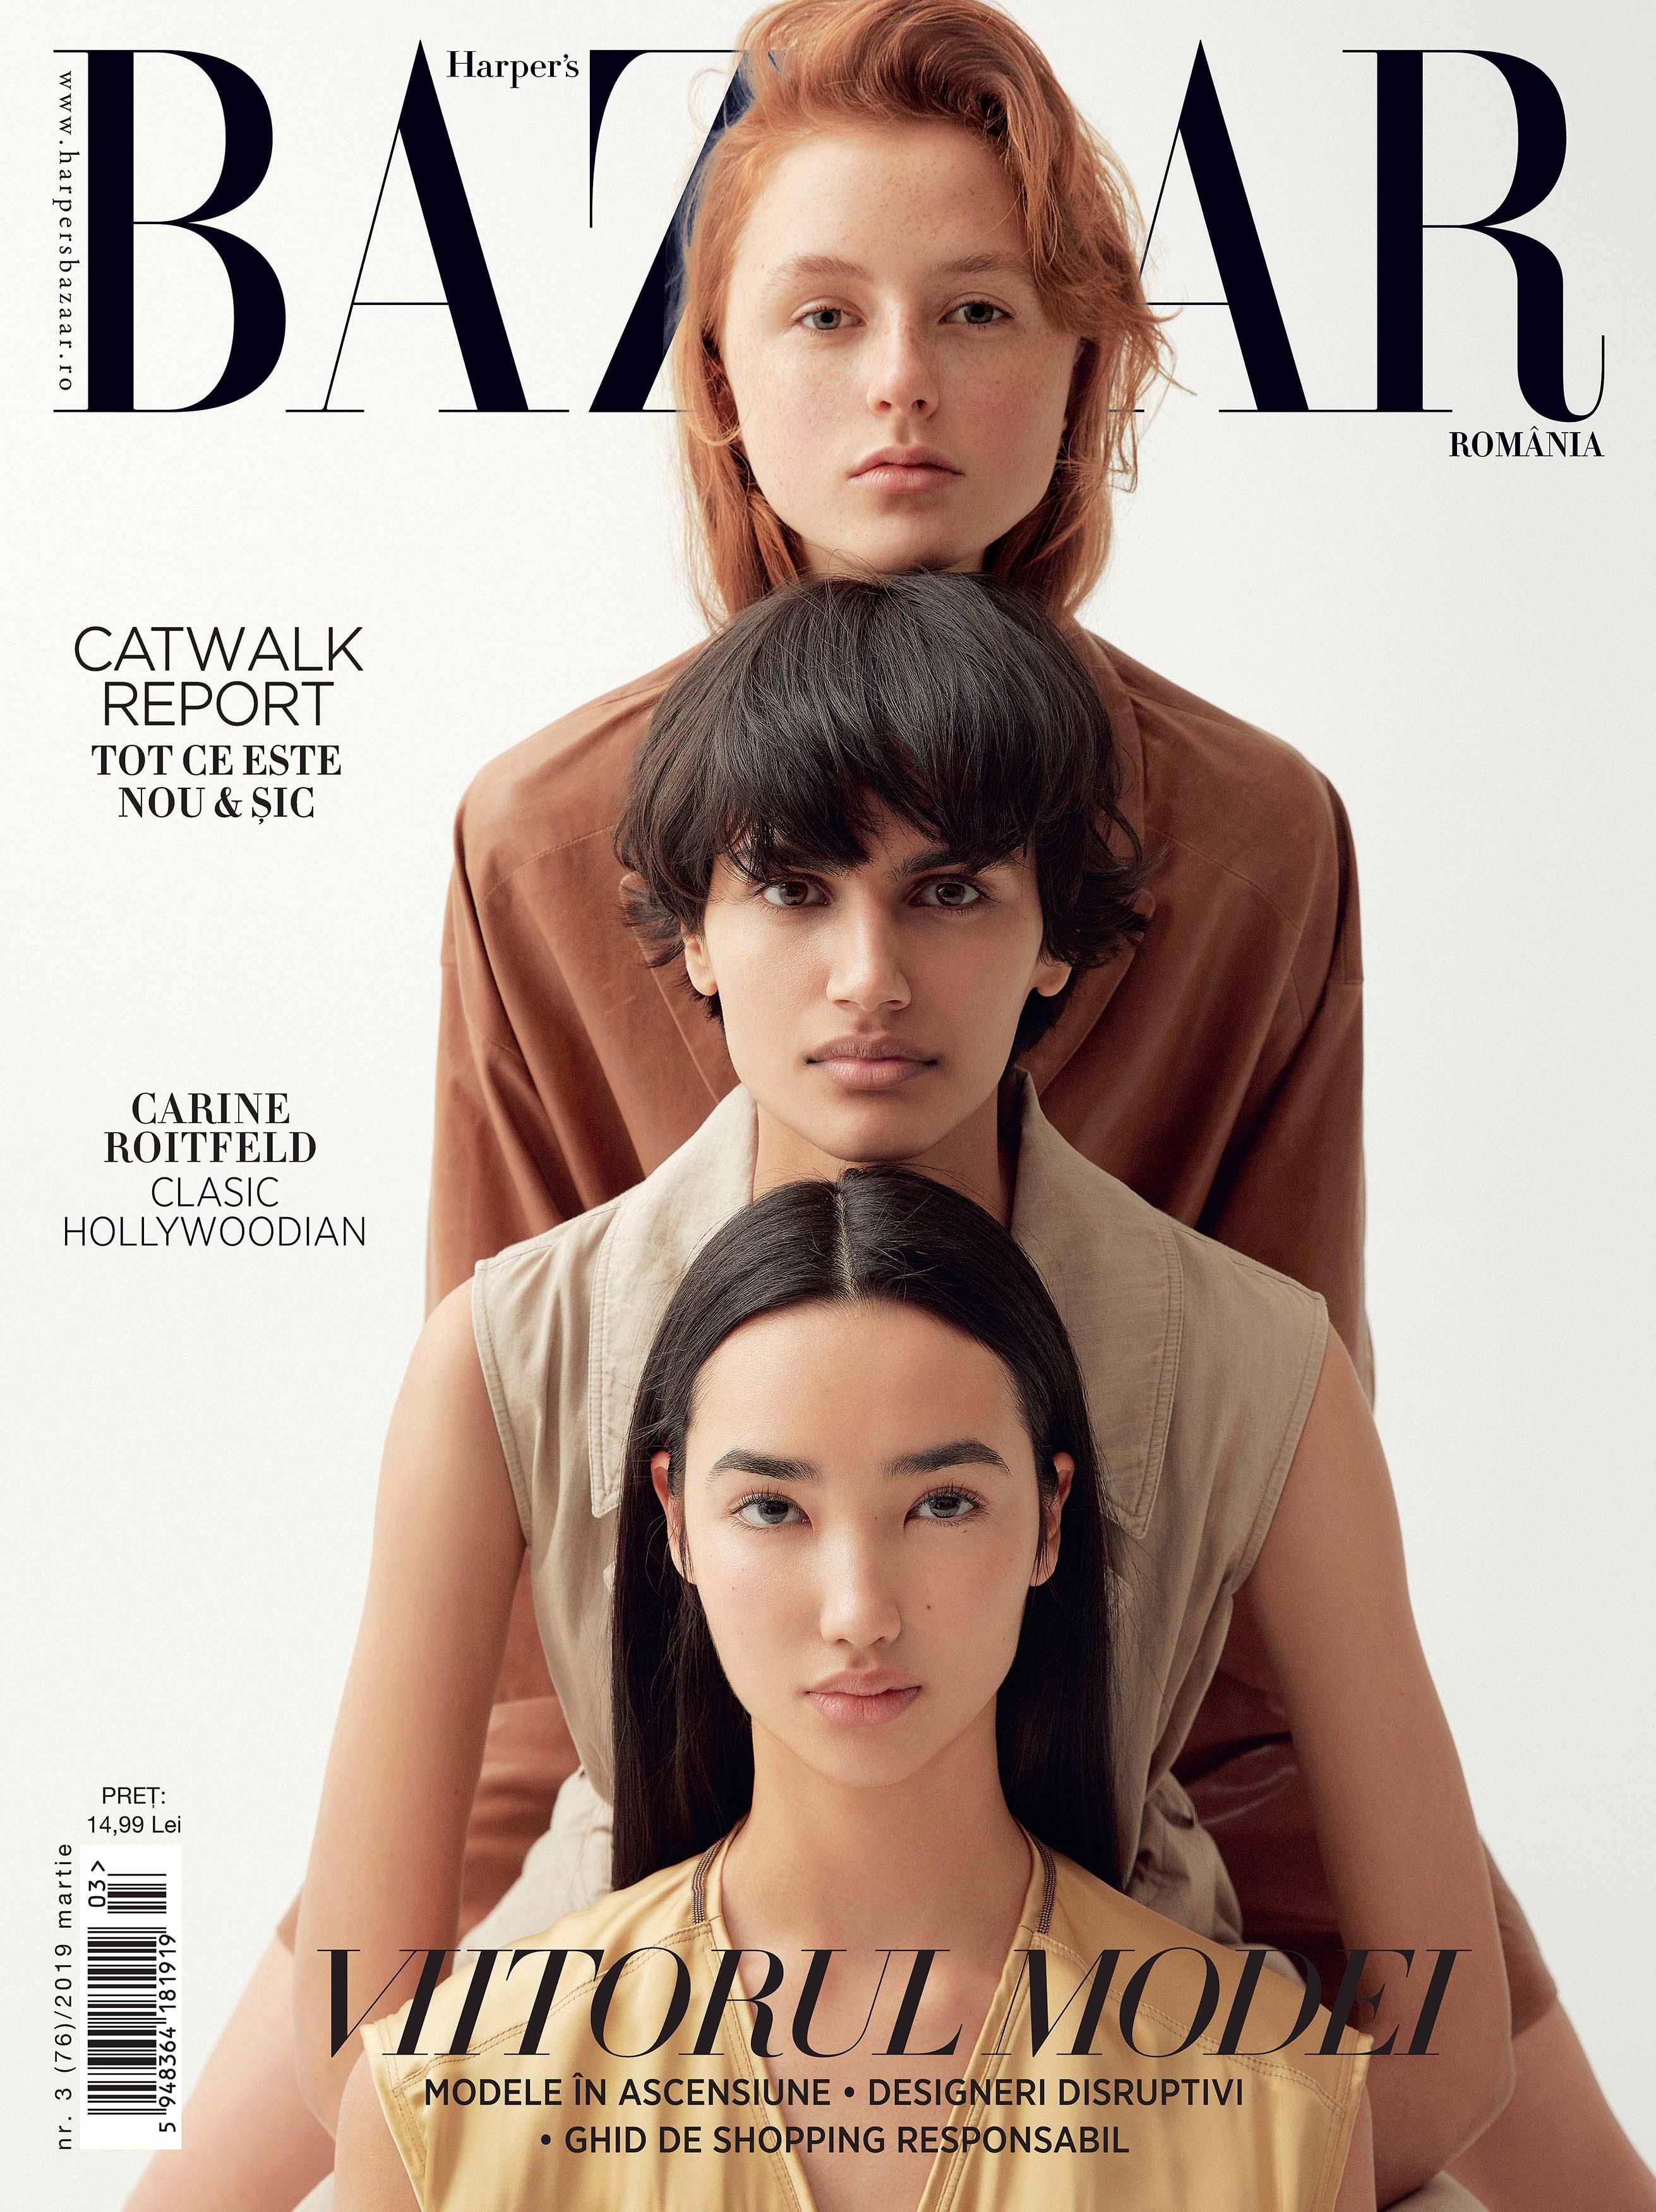 Harper's Bazaar 03-2019 var 2